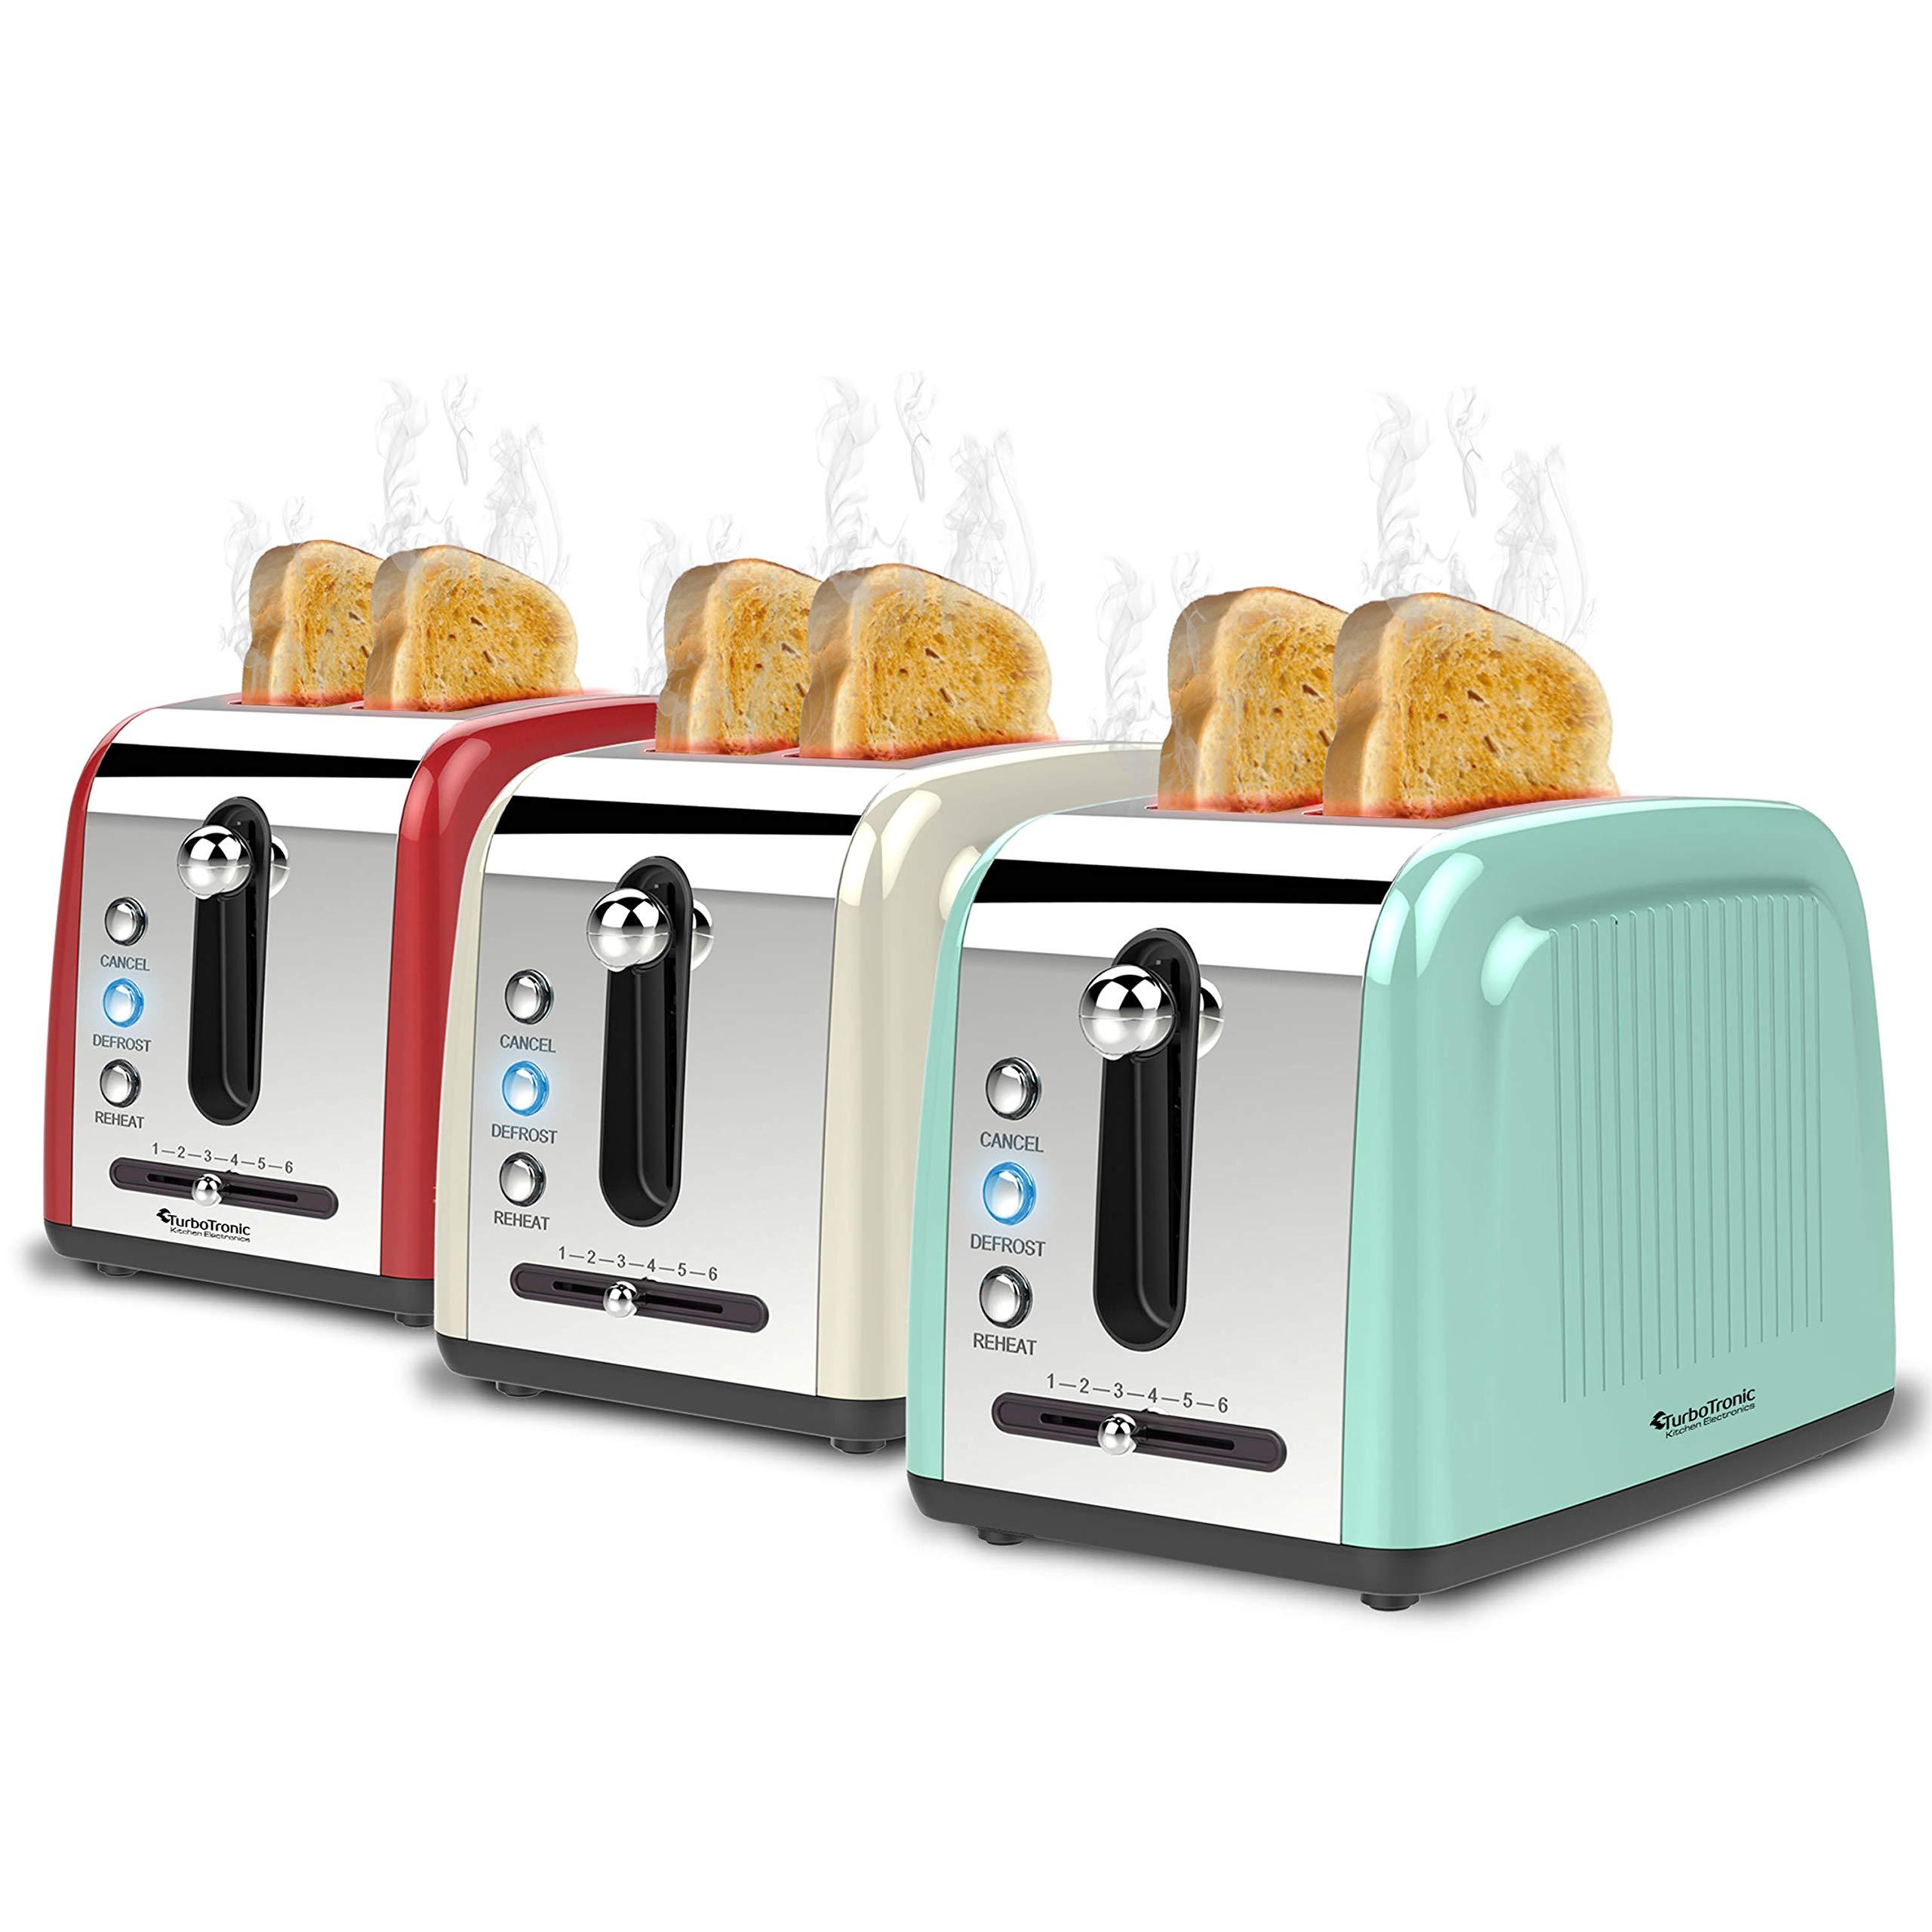 2-Scheiben-Langschlitz-Toaster-mit-850W-Aufwrm-Auftaufunktion-inkl-Brtchenaufsatz-Krmelschublade-Retro-Design